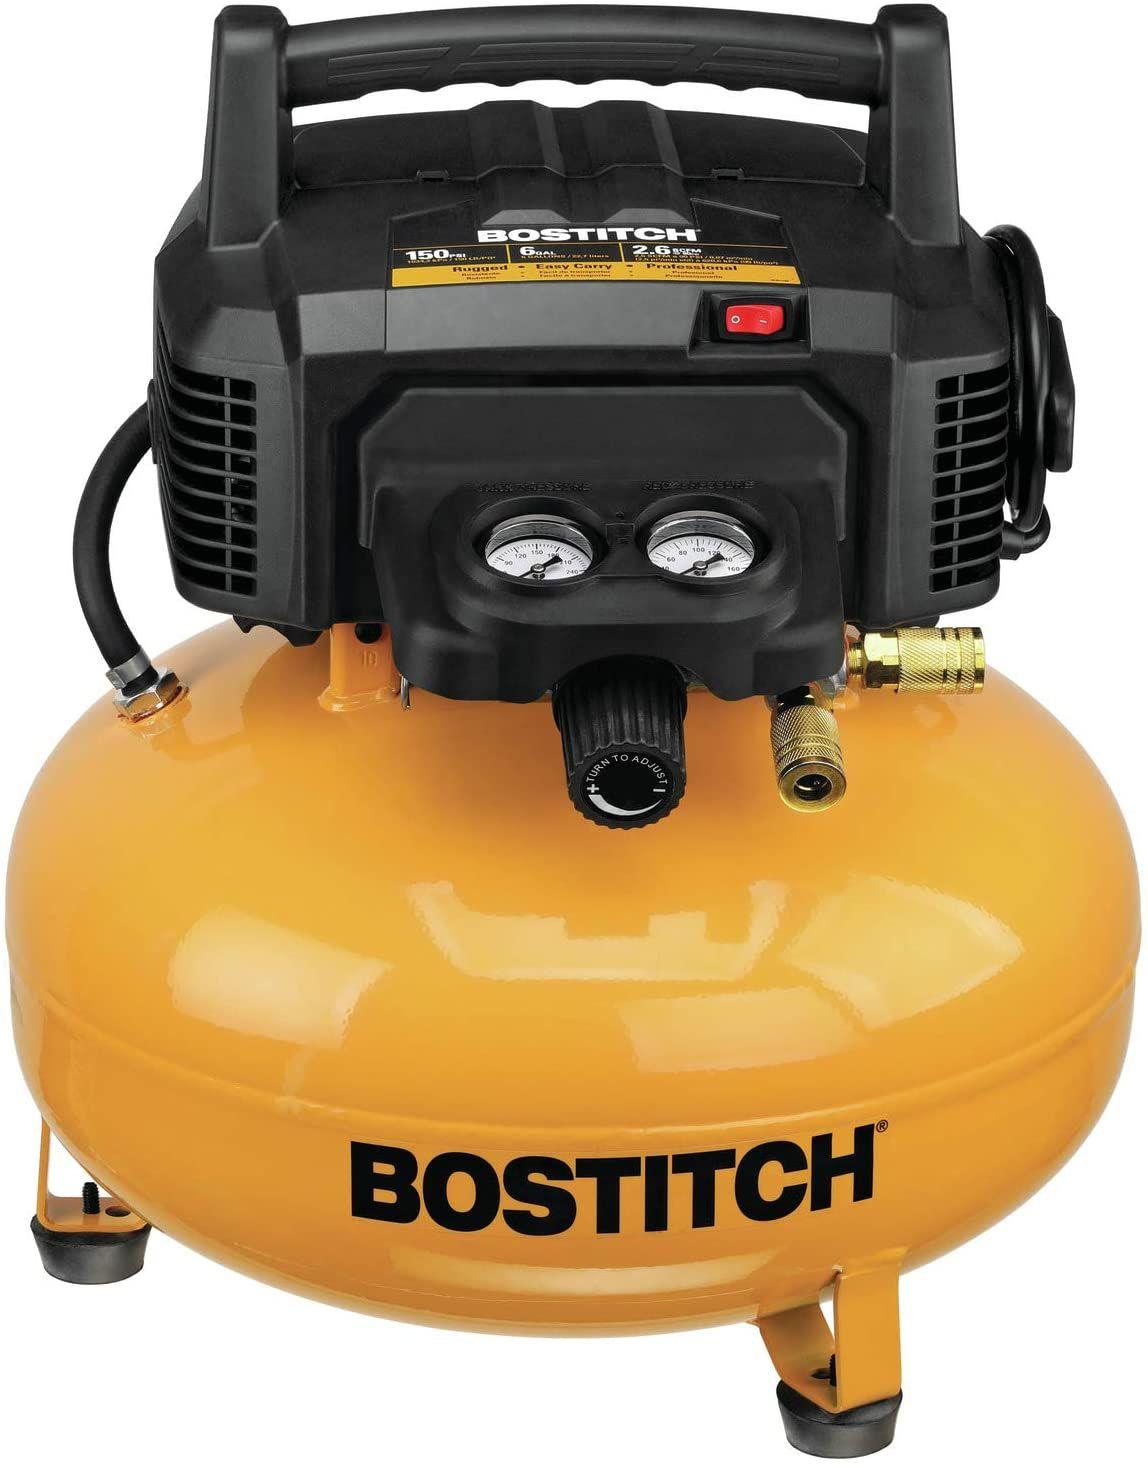 Pancake air compressor Bostitch Portable Compressor in